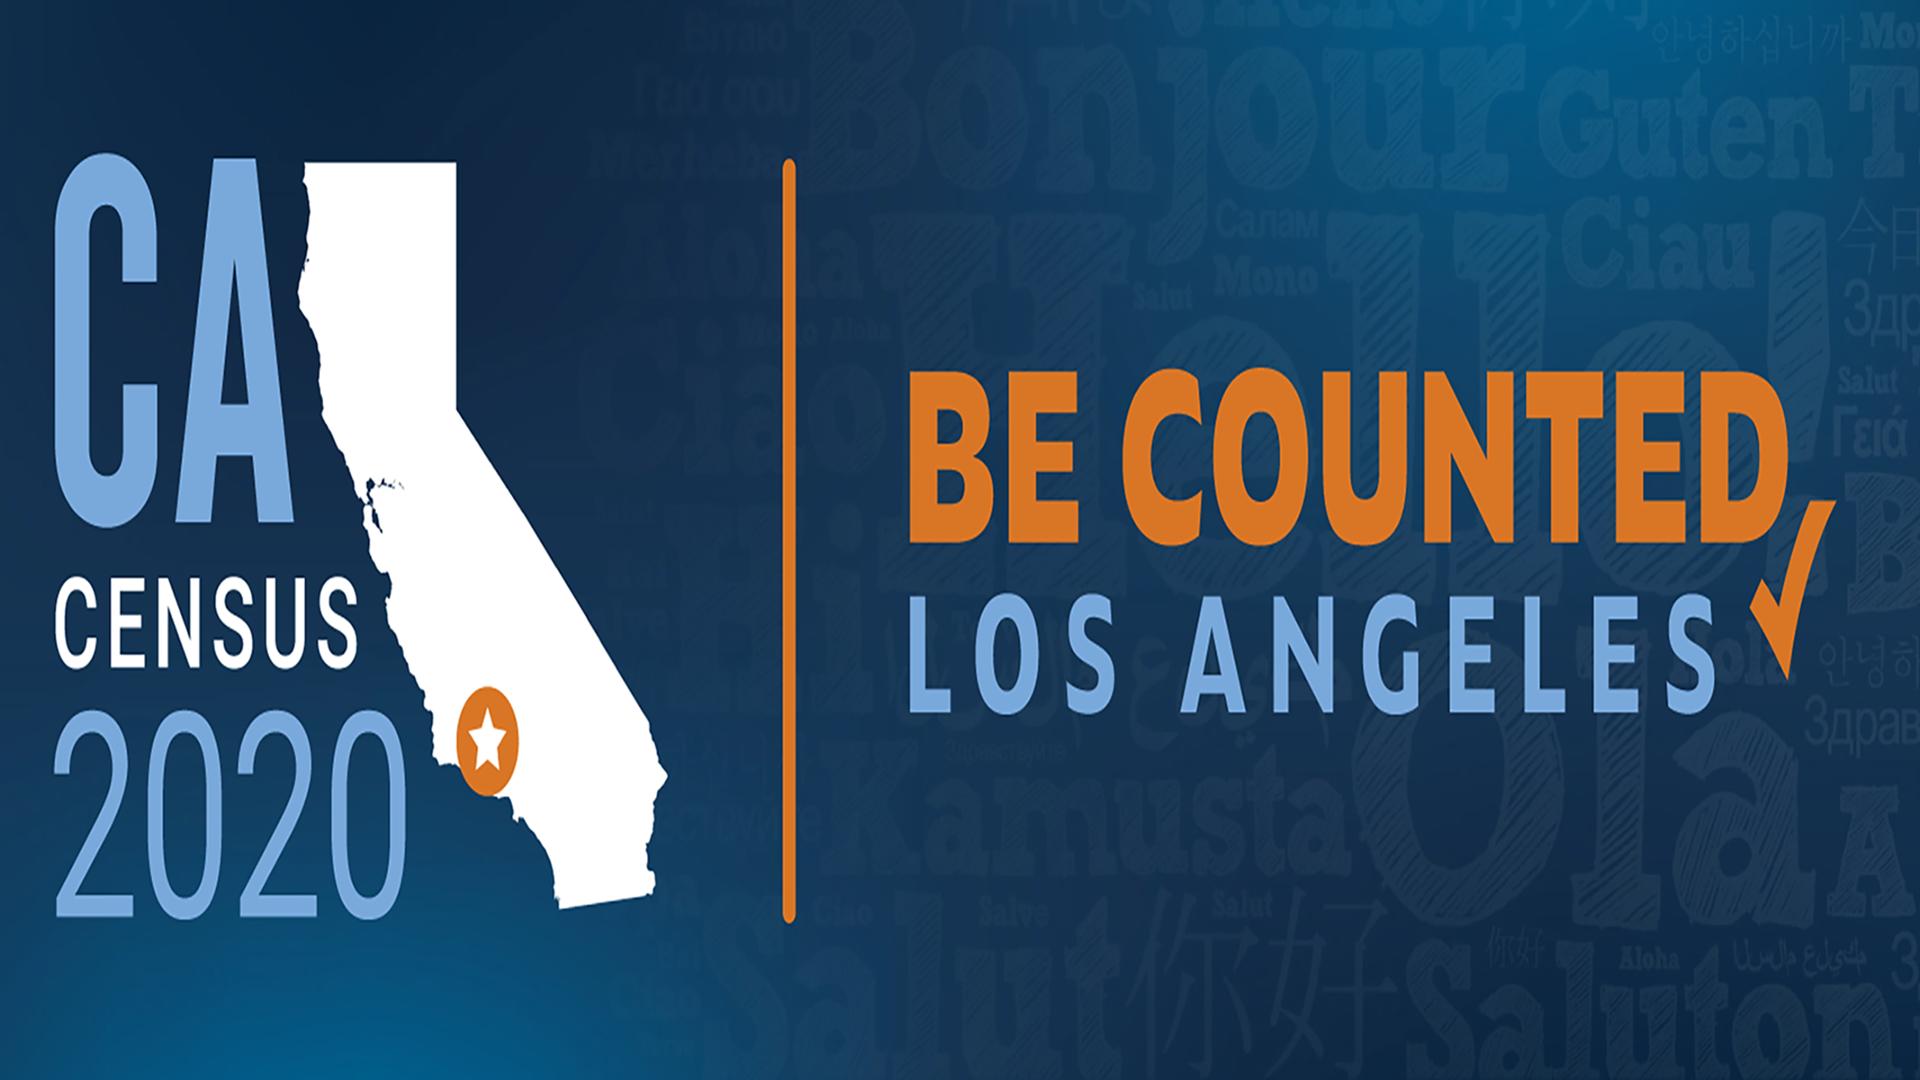 Logotipo del mapa de California con el texto Censo 2020 Inclúyase en el conteo Los Ángeles.